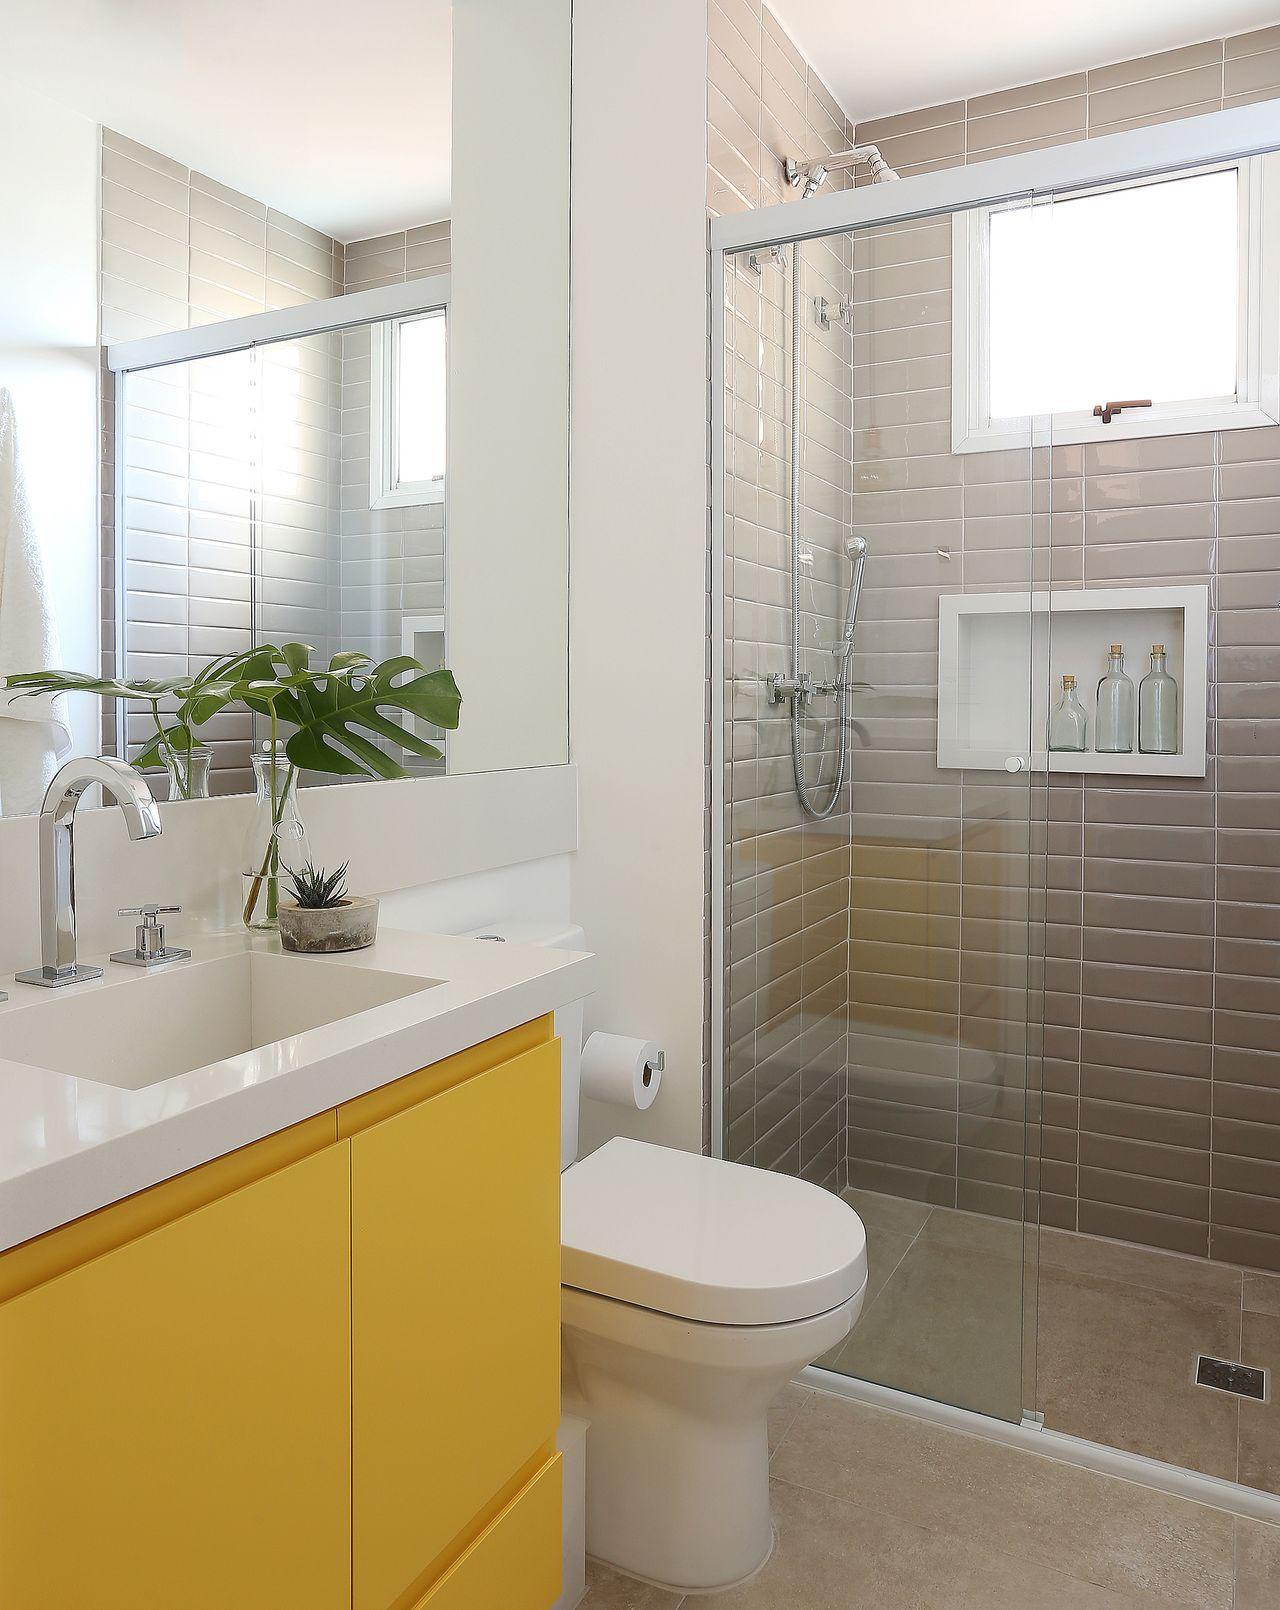 Banheiro pequeno com armário amarelo.